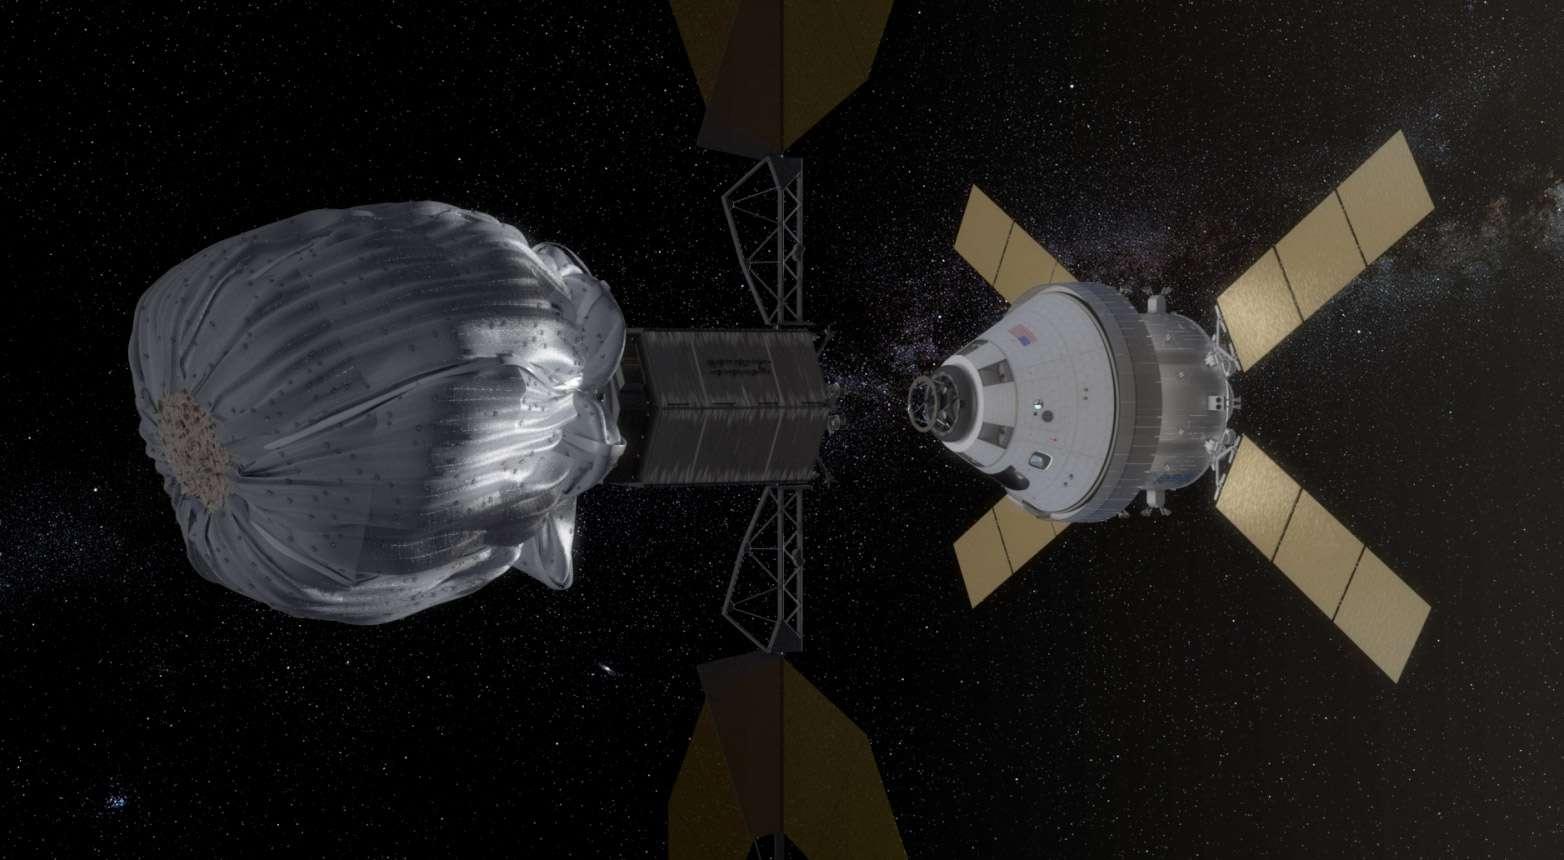 La capture d'un astéroïde ne sera pas une mince affaire. Si elle réussit, c'est la garantie d'un programme scientifique et technologique qui s'étalera sur plusieurs décennies. © Nasa